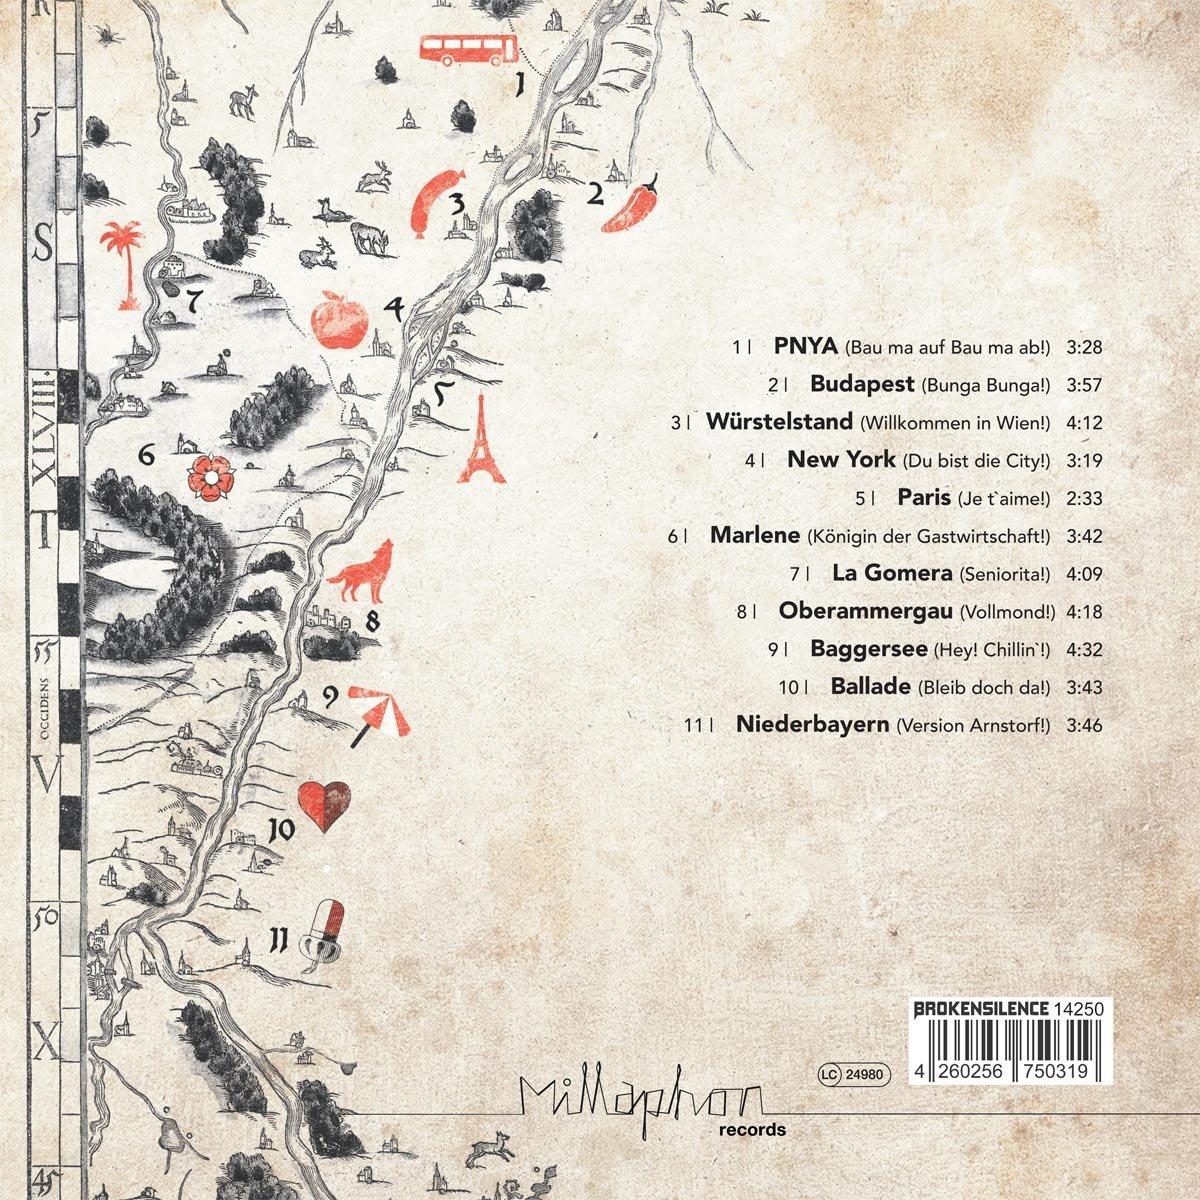 Ringlstetter PNYA CD